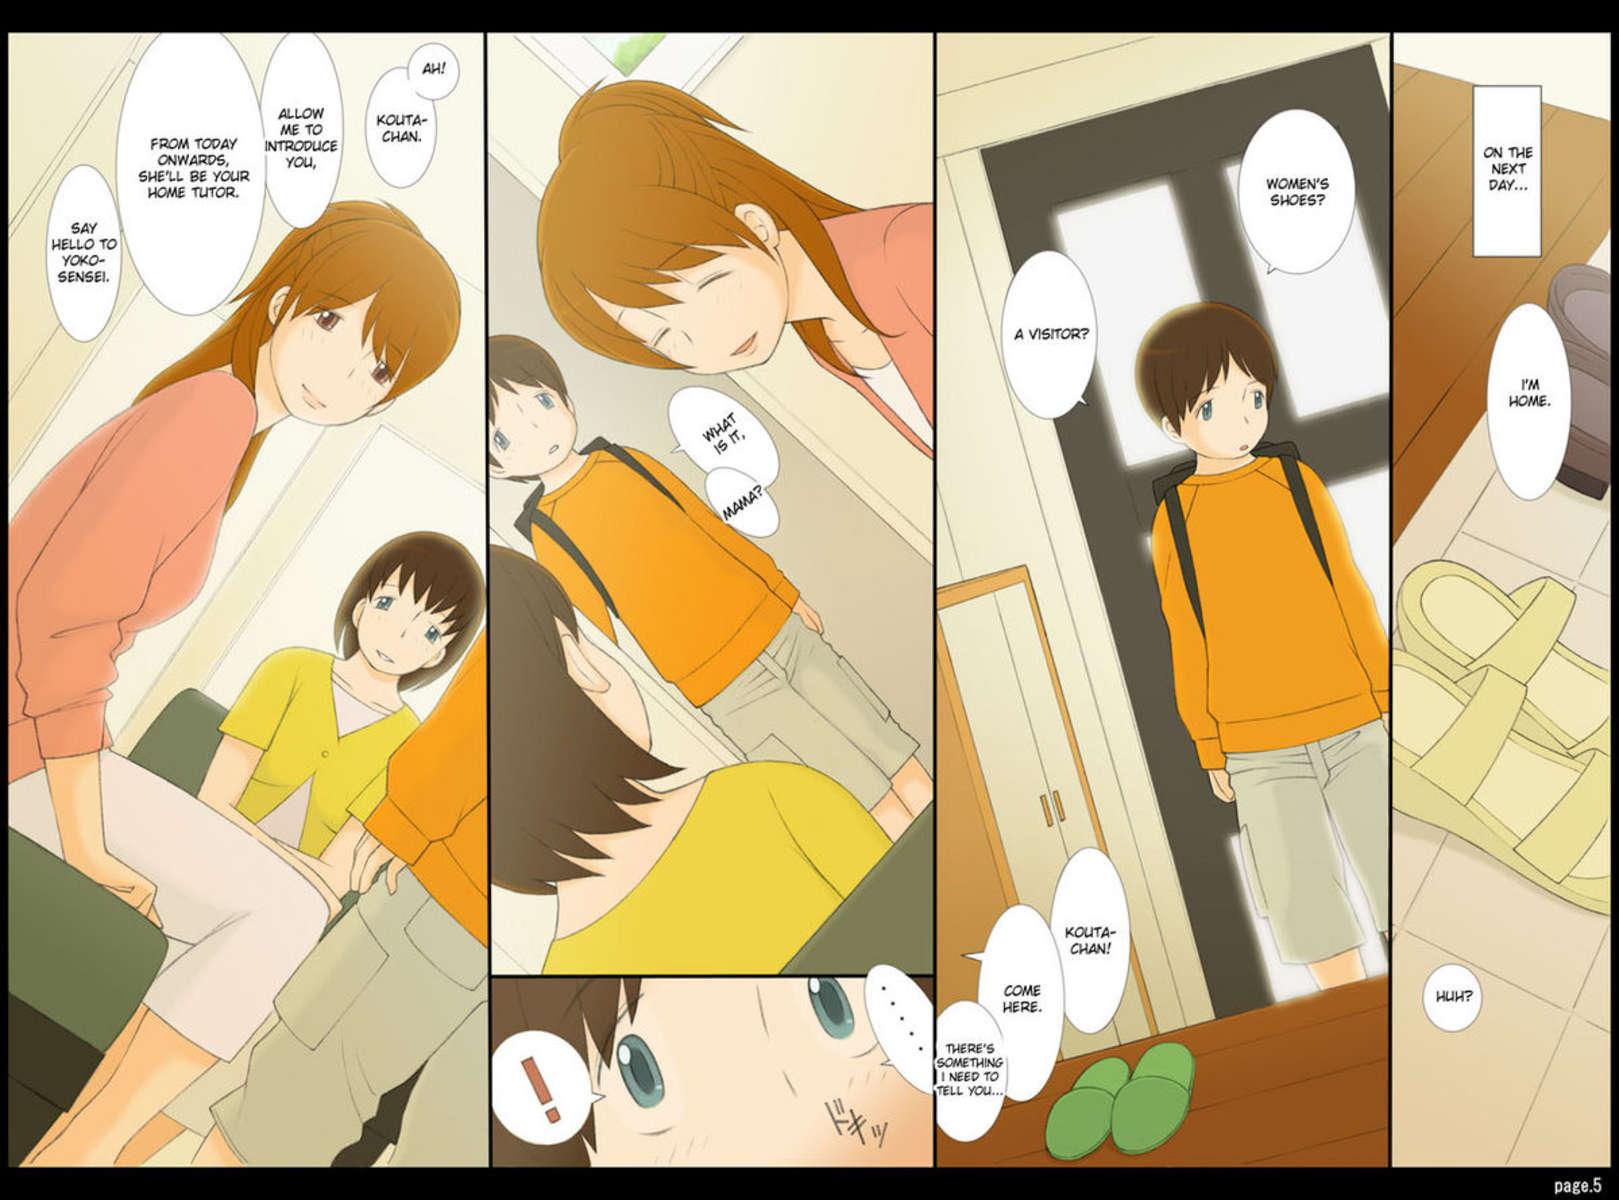 смотреть порно комиксы аниме мать и сын № 623924  скачать